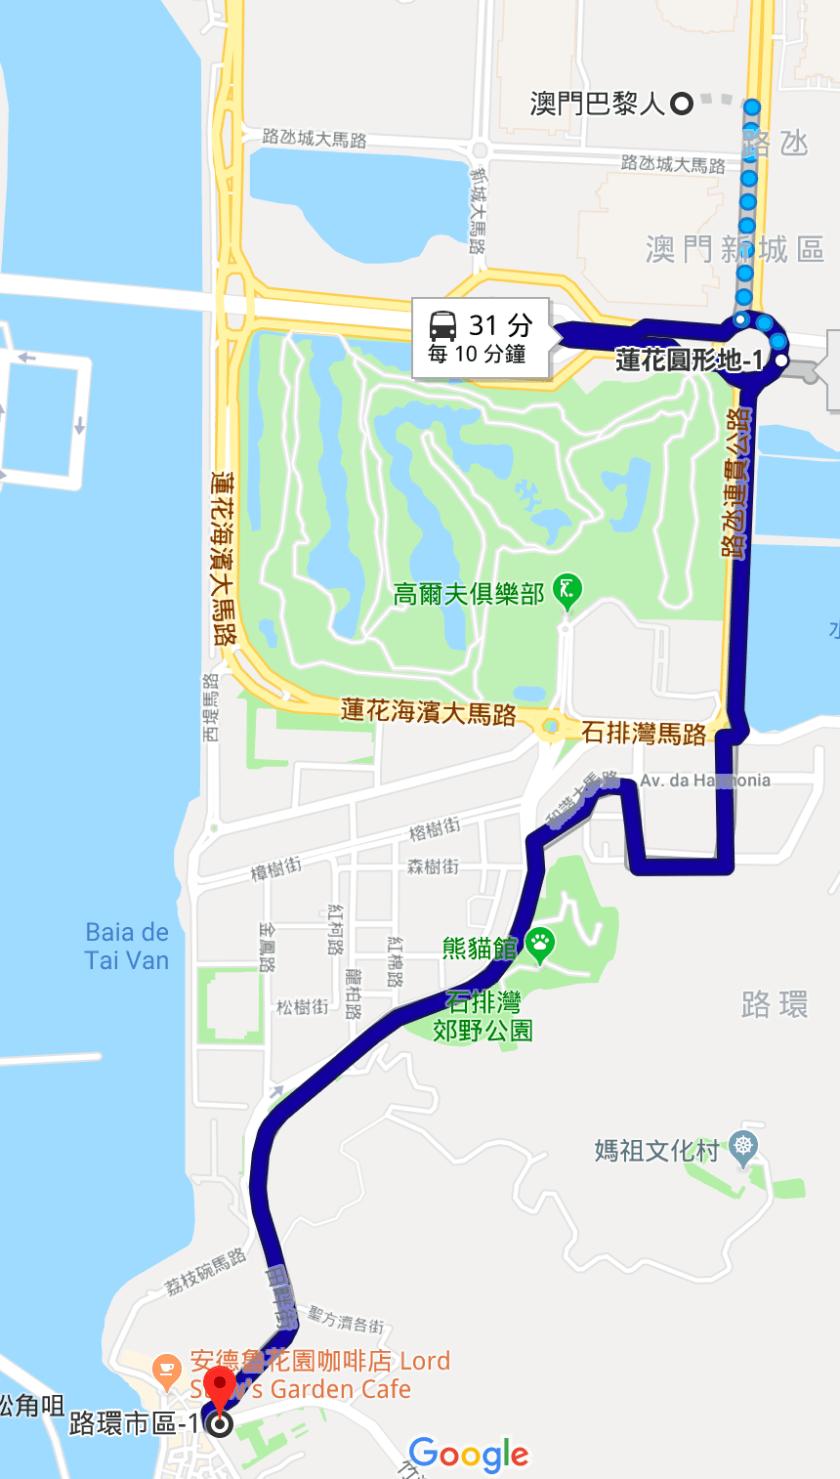 從巴黎人酒店門口附近就有公車可以搭到 澳門路環 Bus route from Parisian Macao to Coloane